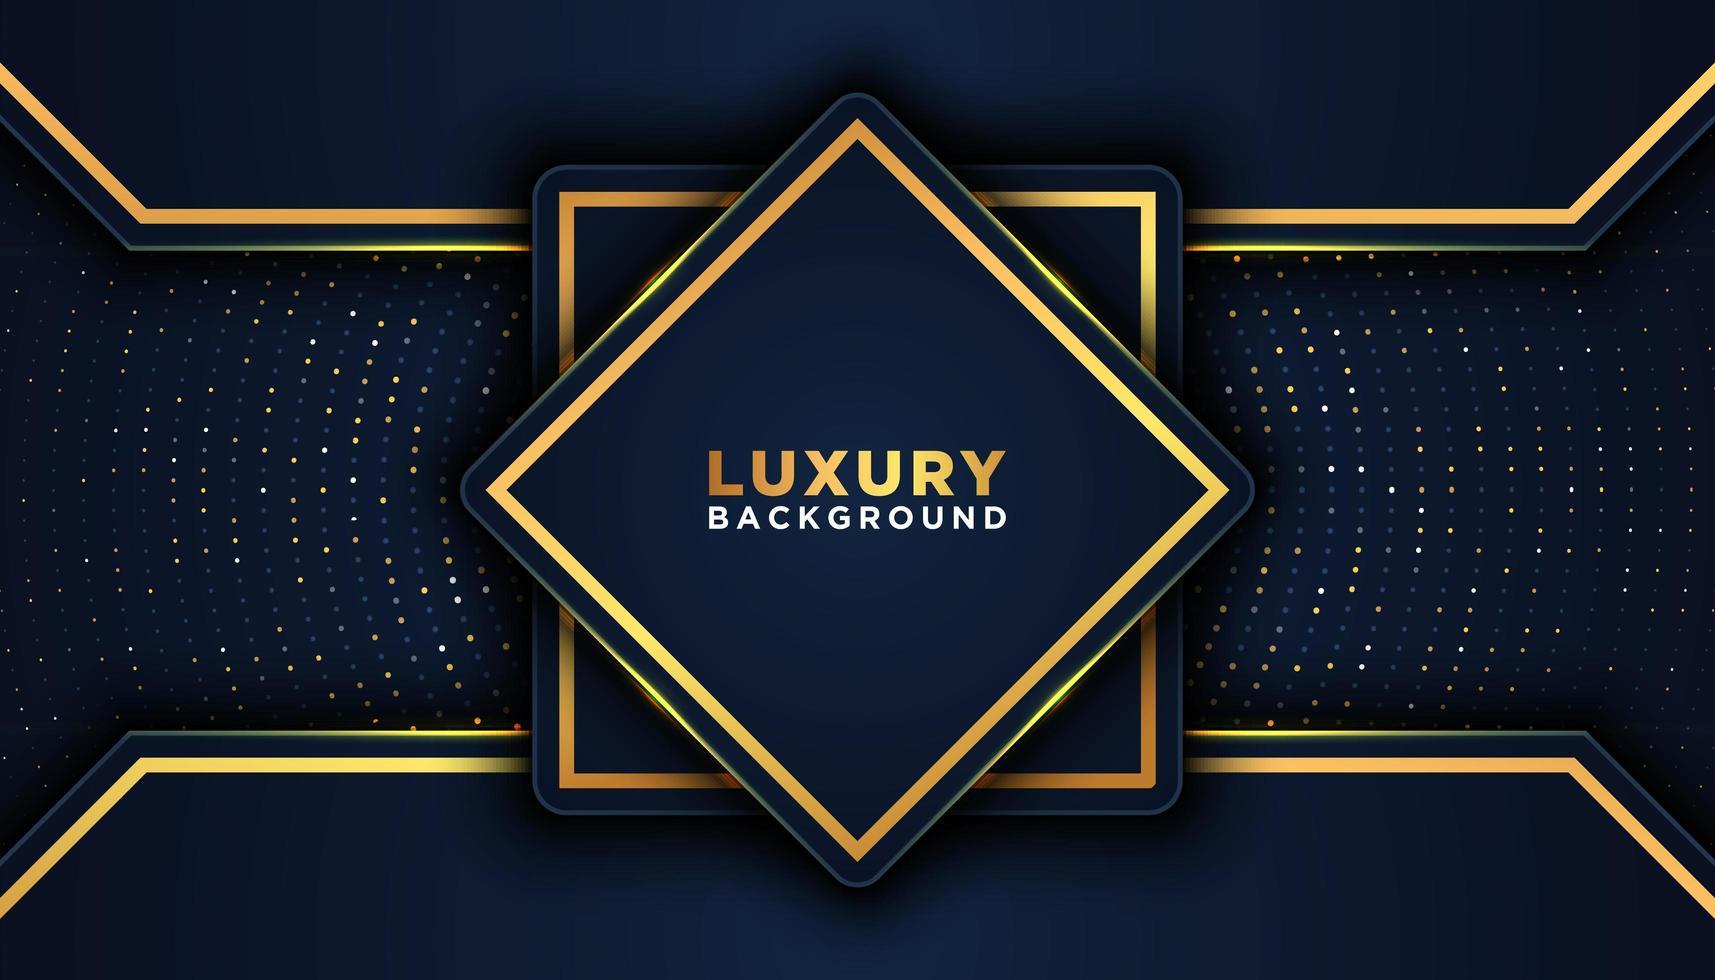 geometrica 3d sfondo scuro di lusso con accenti d'oro vettore